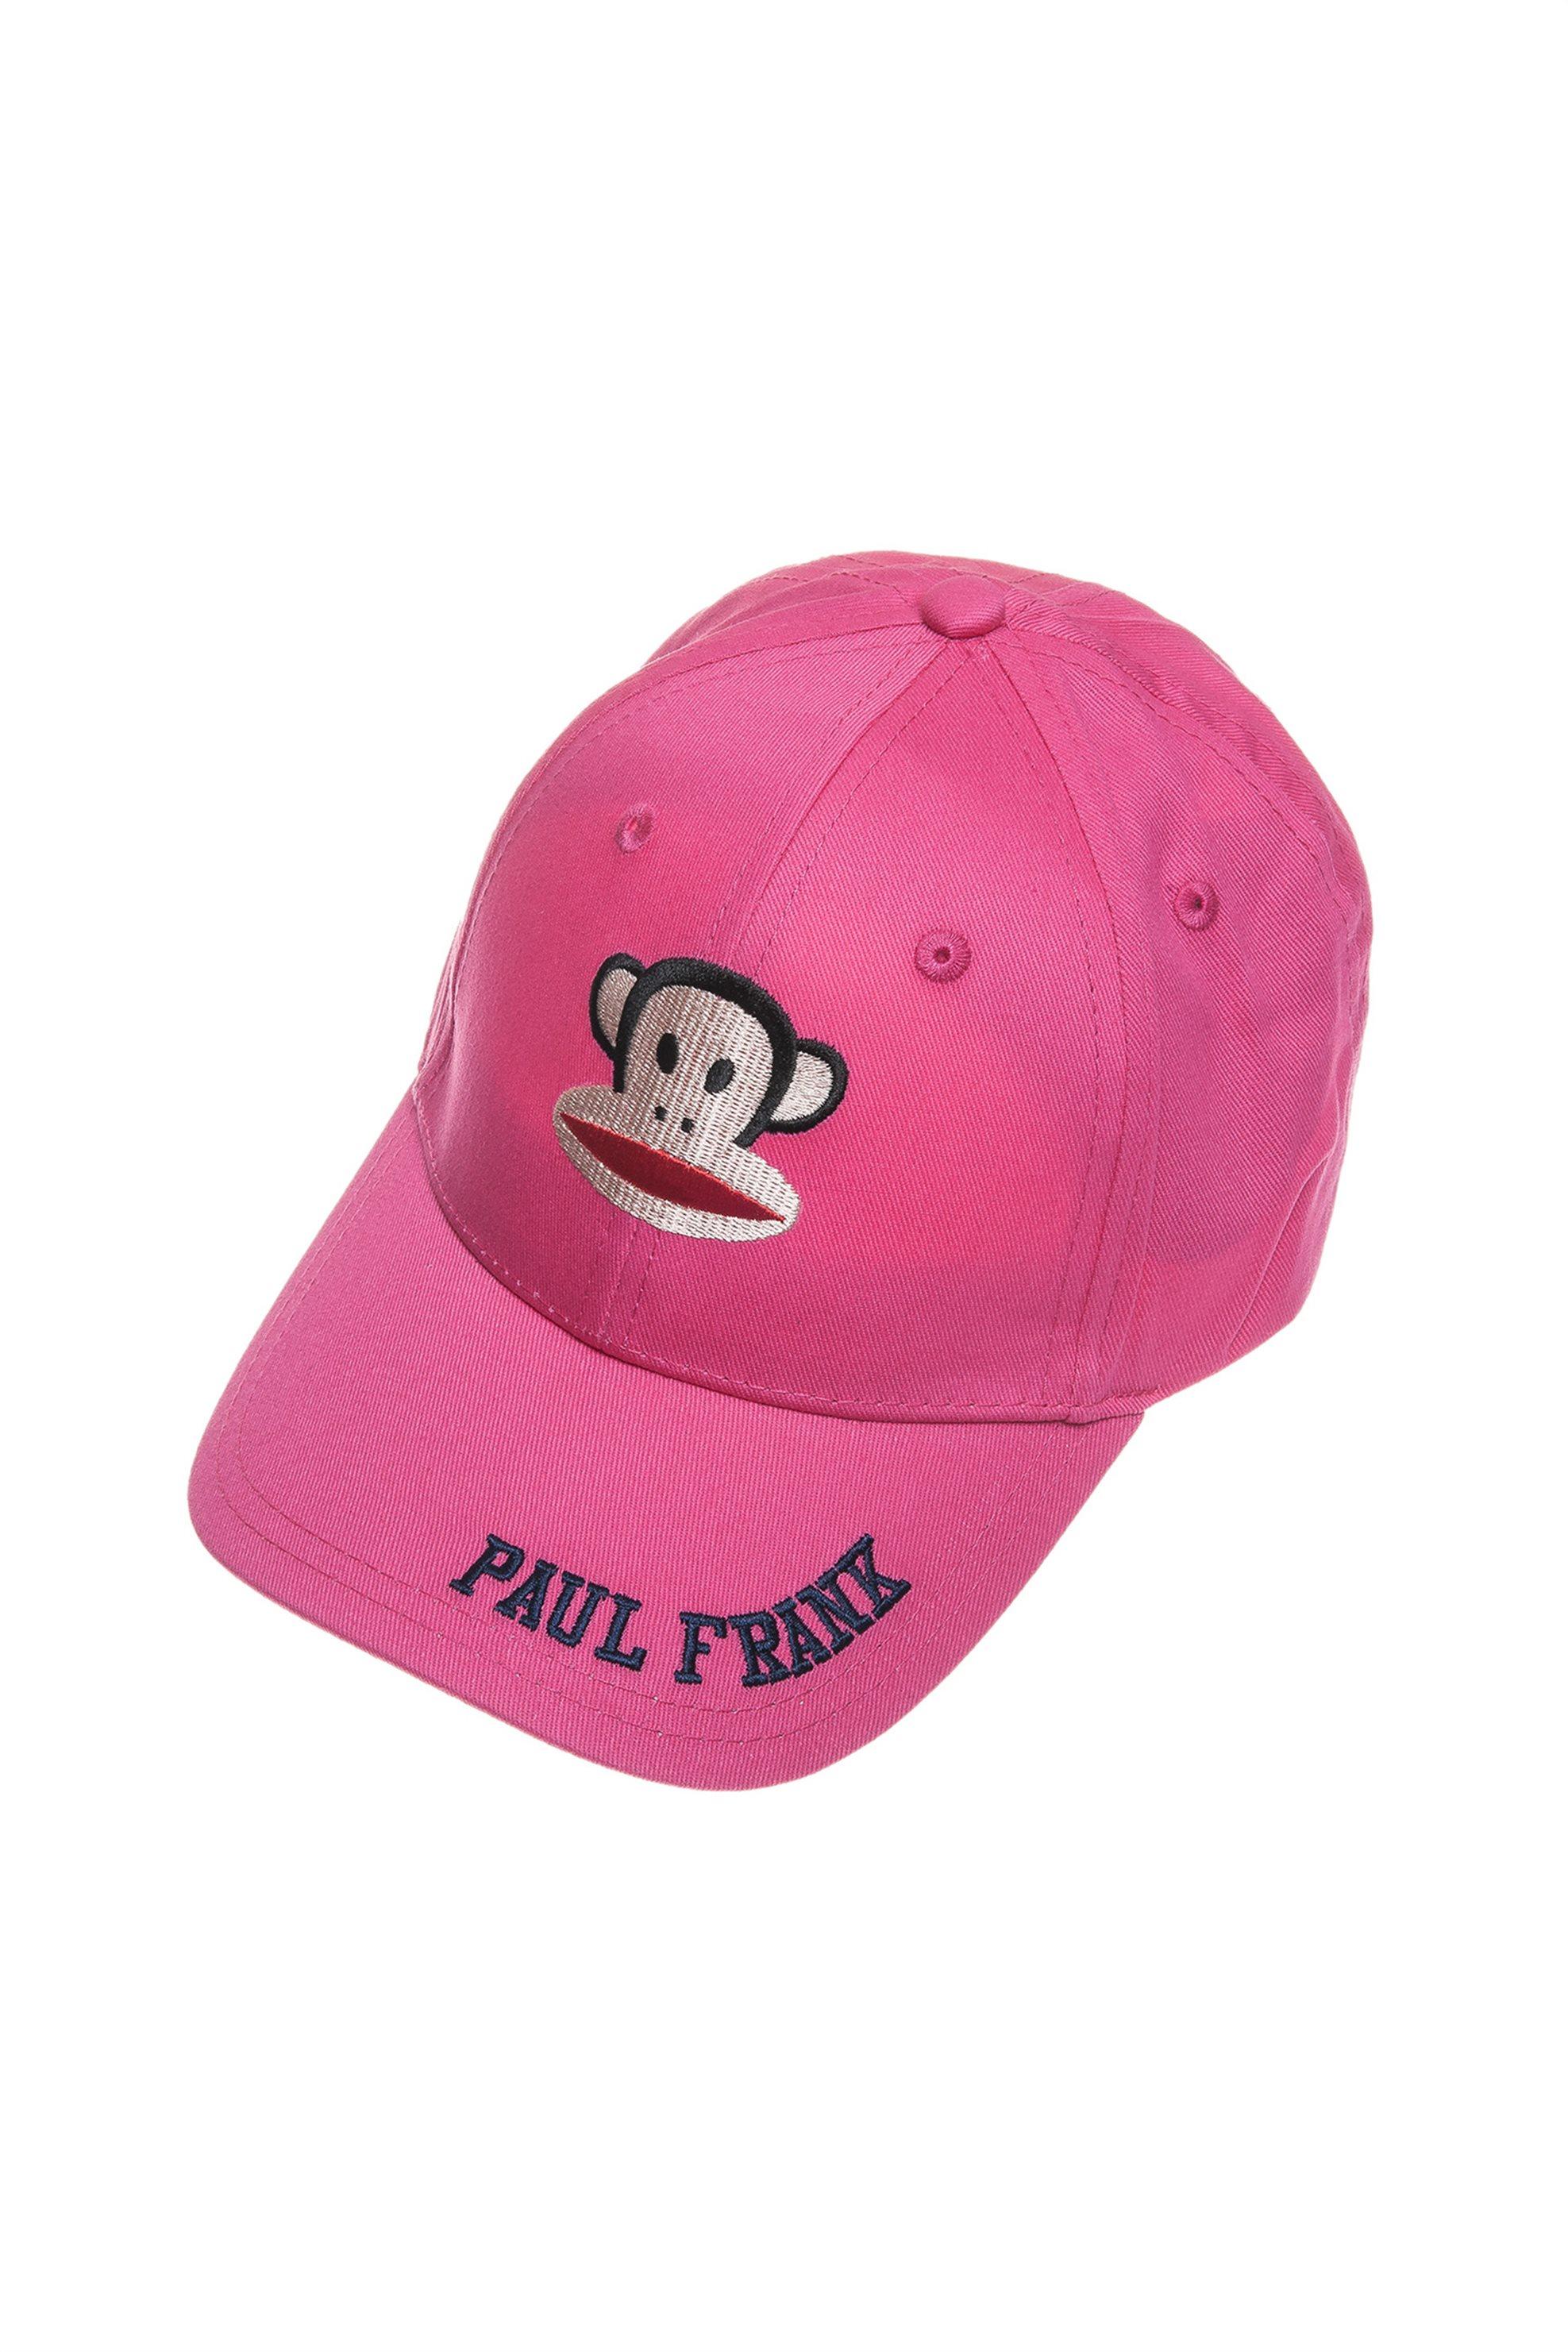 Παιδικό καπέλο Τζόκευ (4-18 ετών) Paul Frank Collection - 00190297 - Φούξια παιδι   κοριτσι   4 14 ετων   αγορι   4 14 ετων   αξεσουάρ   αξεσουάρ   καπέλα